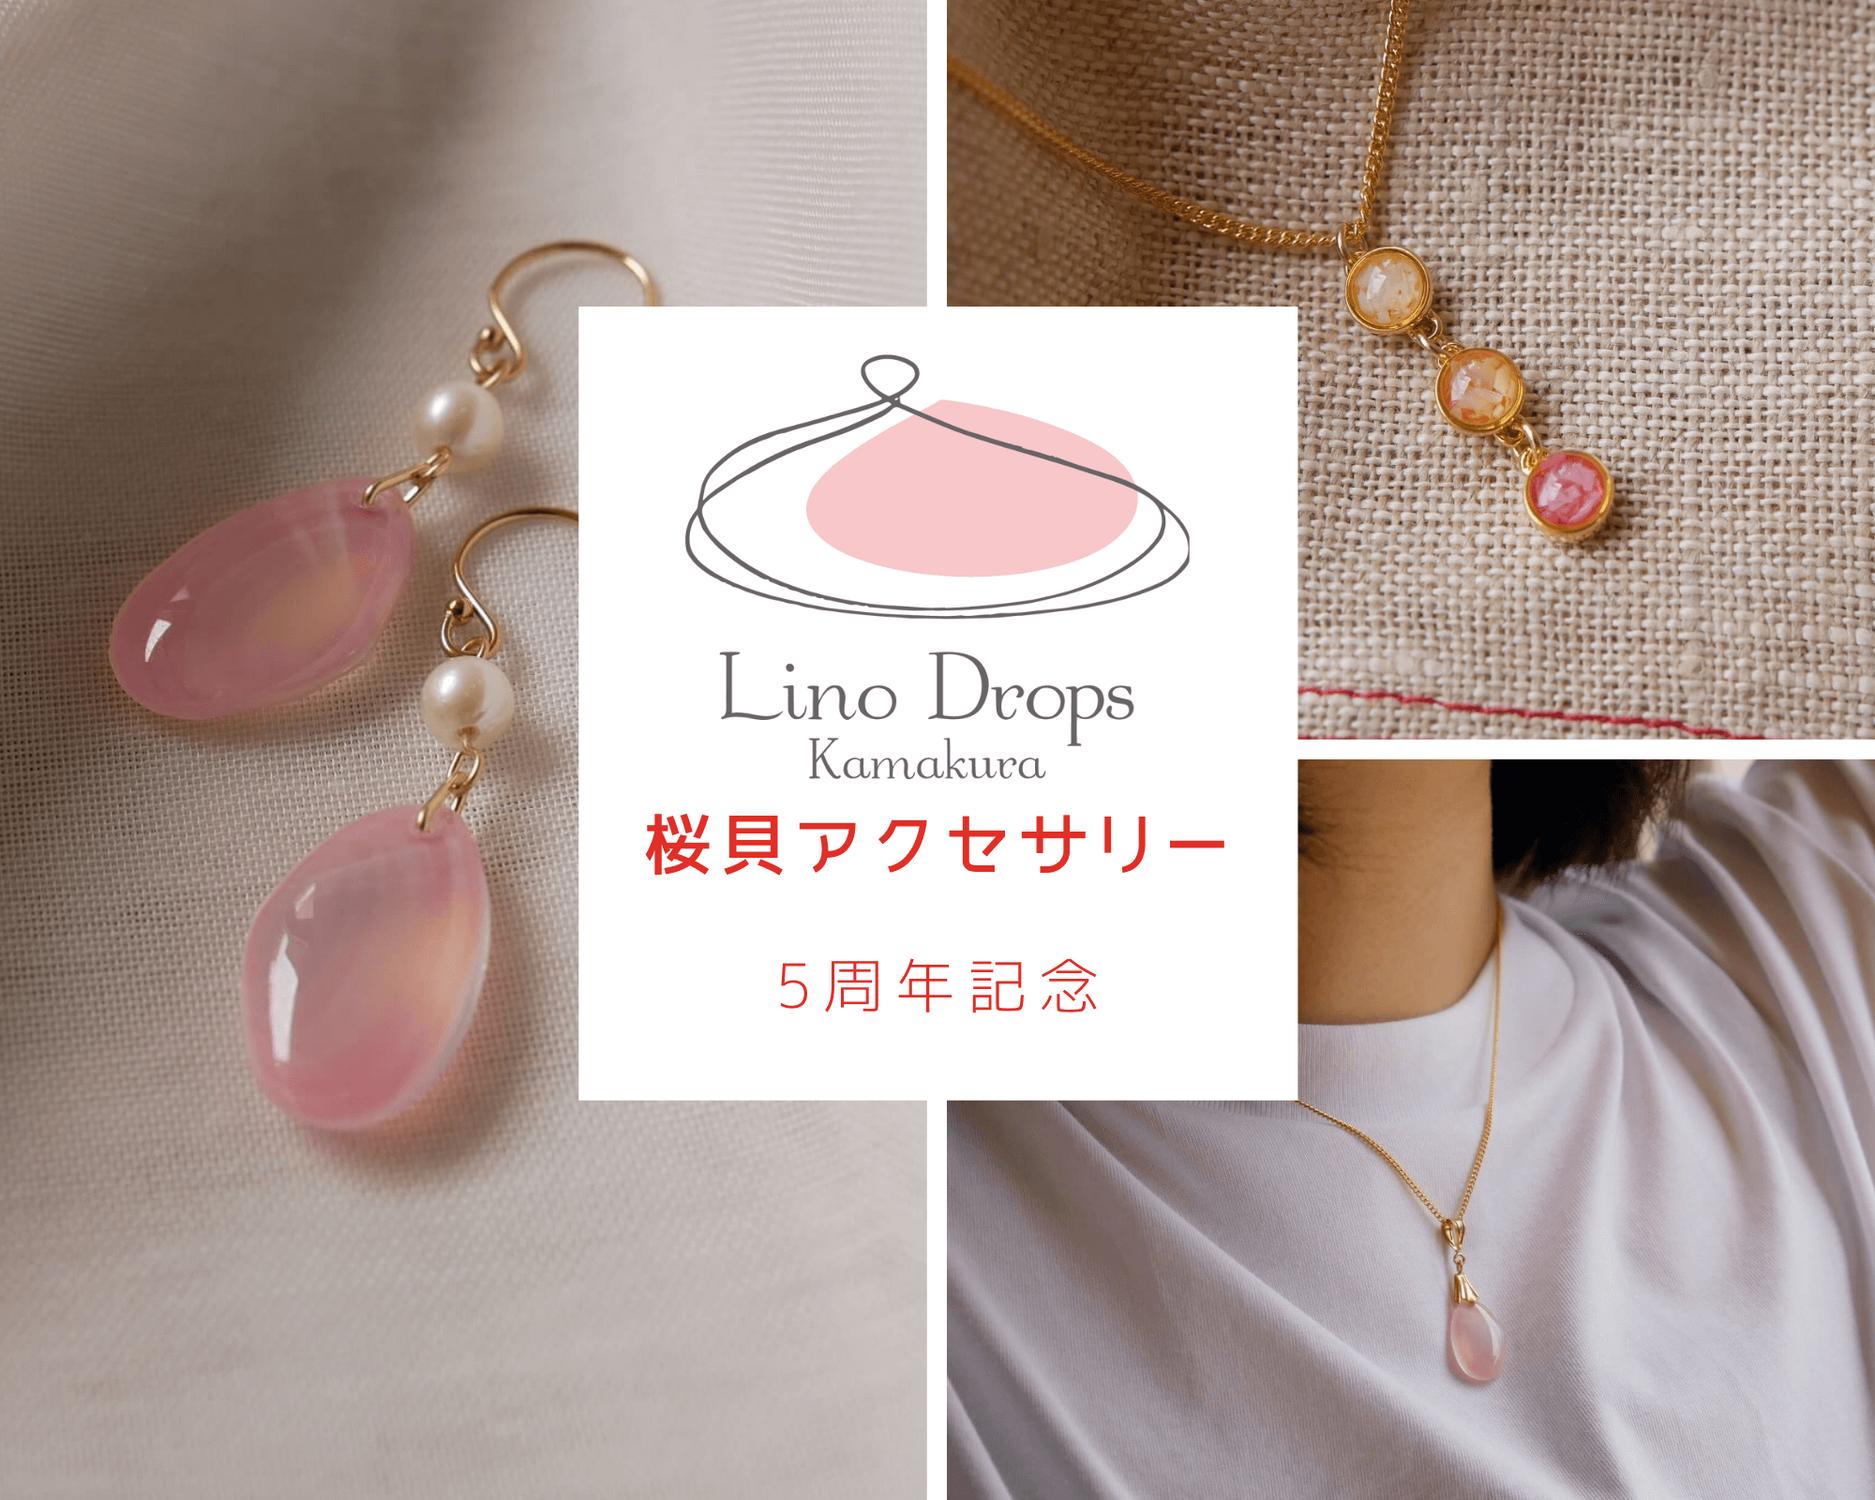 5thシークレットキャンペーン   鎌倉の桜貝アクセサリー専門店